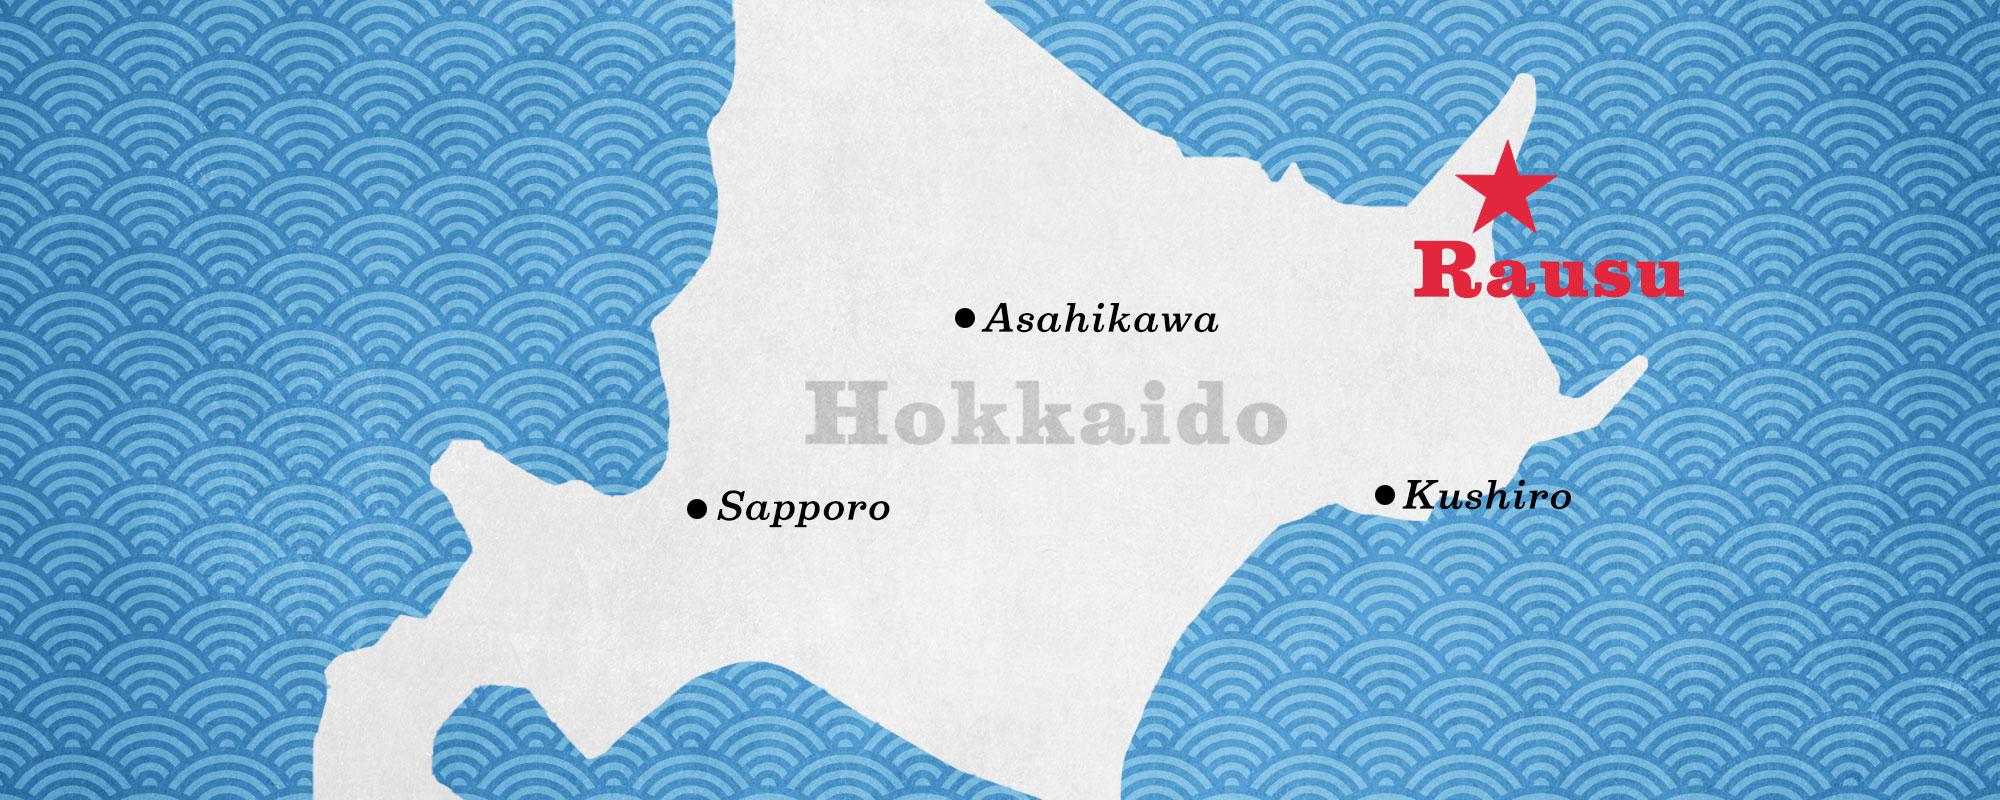 Rausu Hokkaido Japan